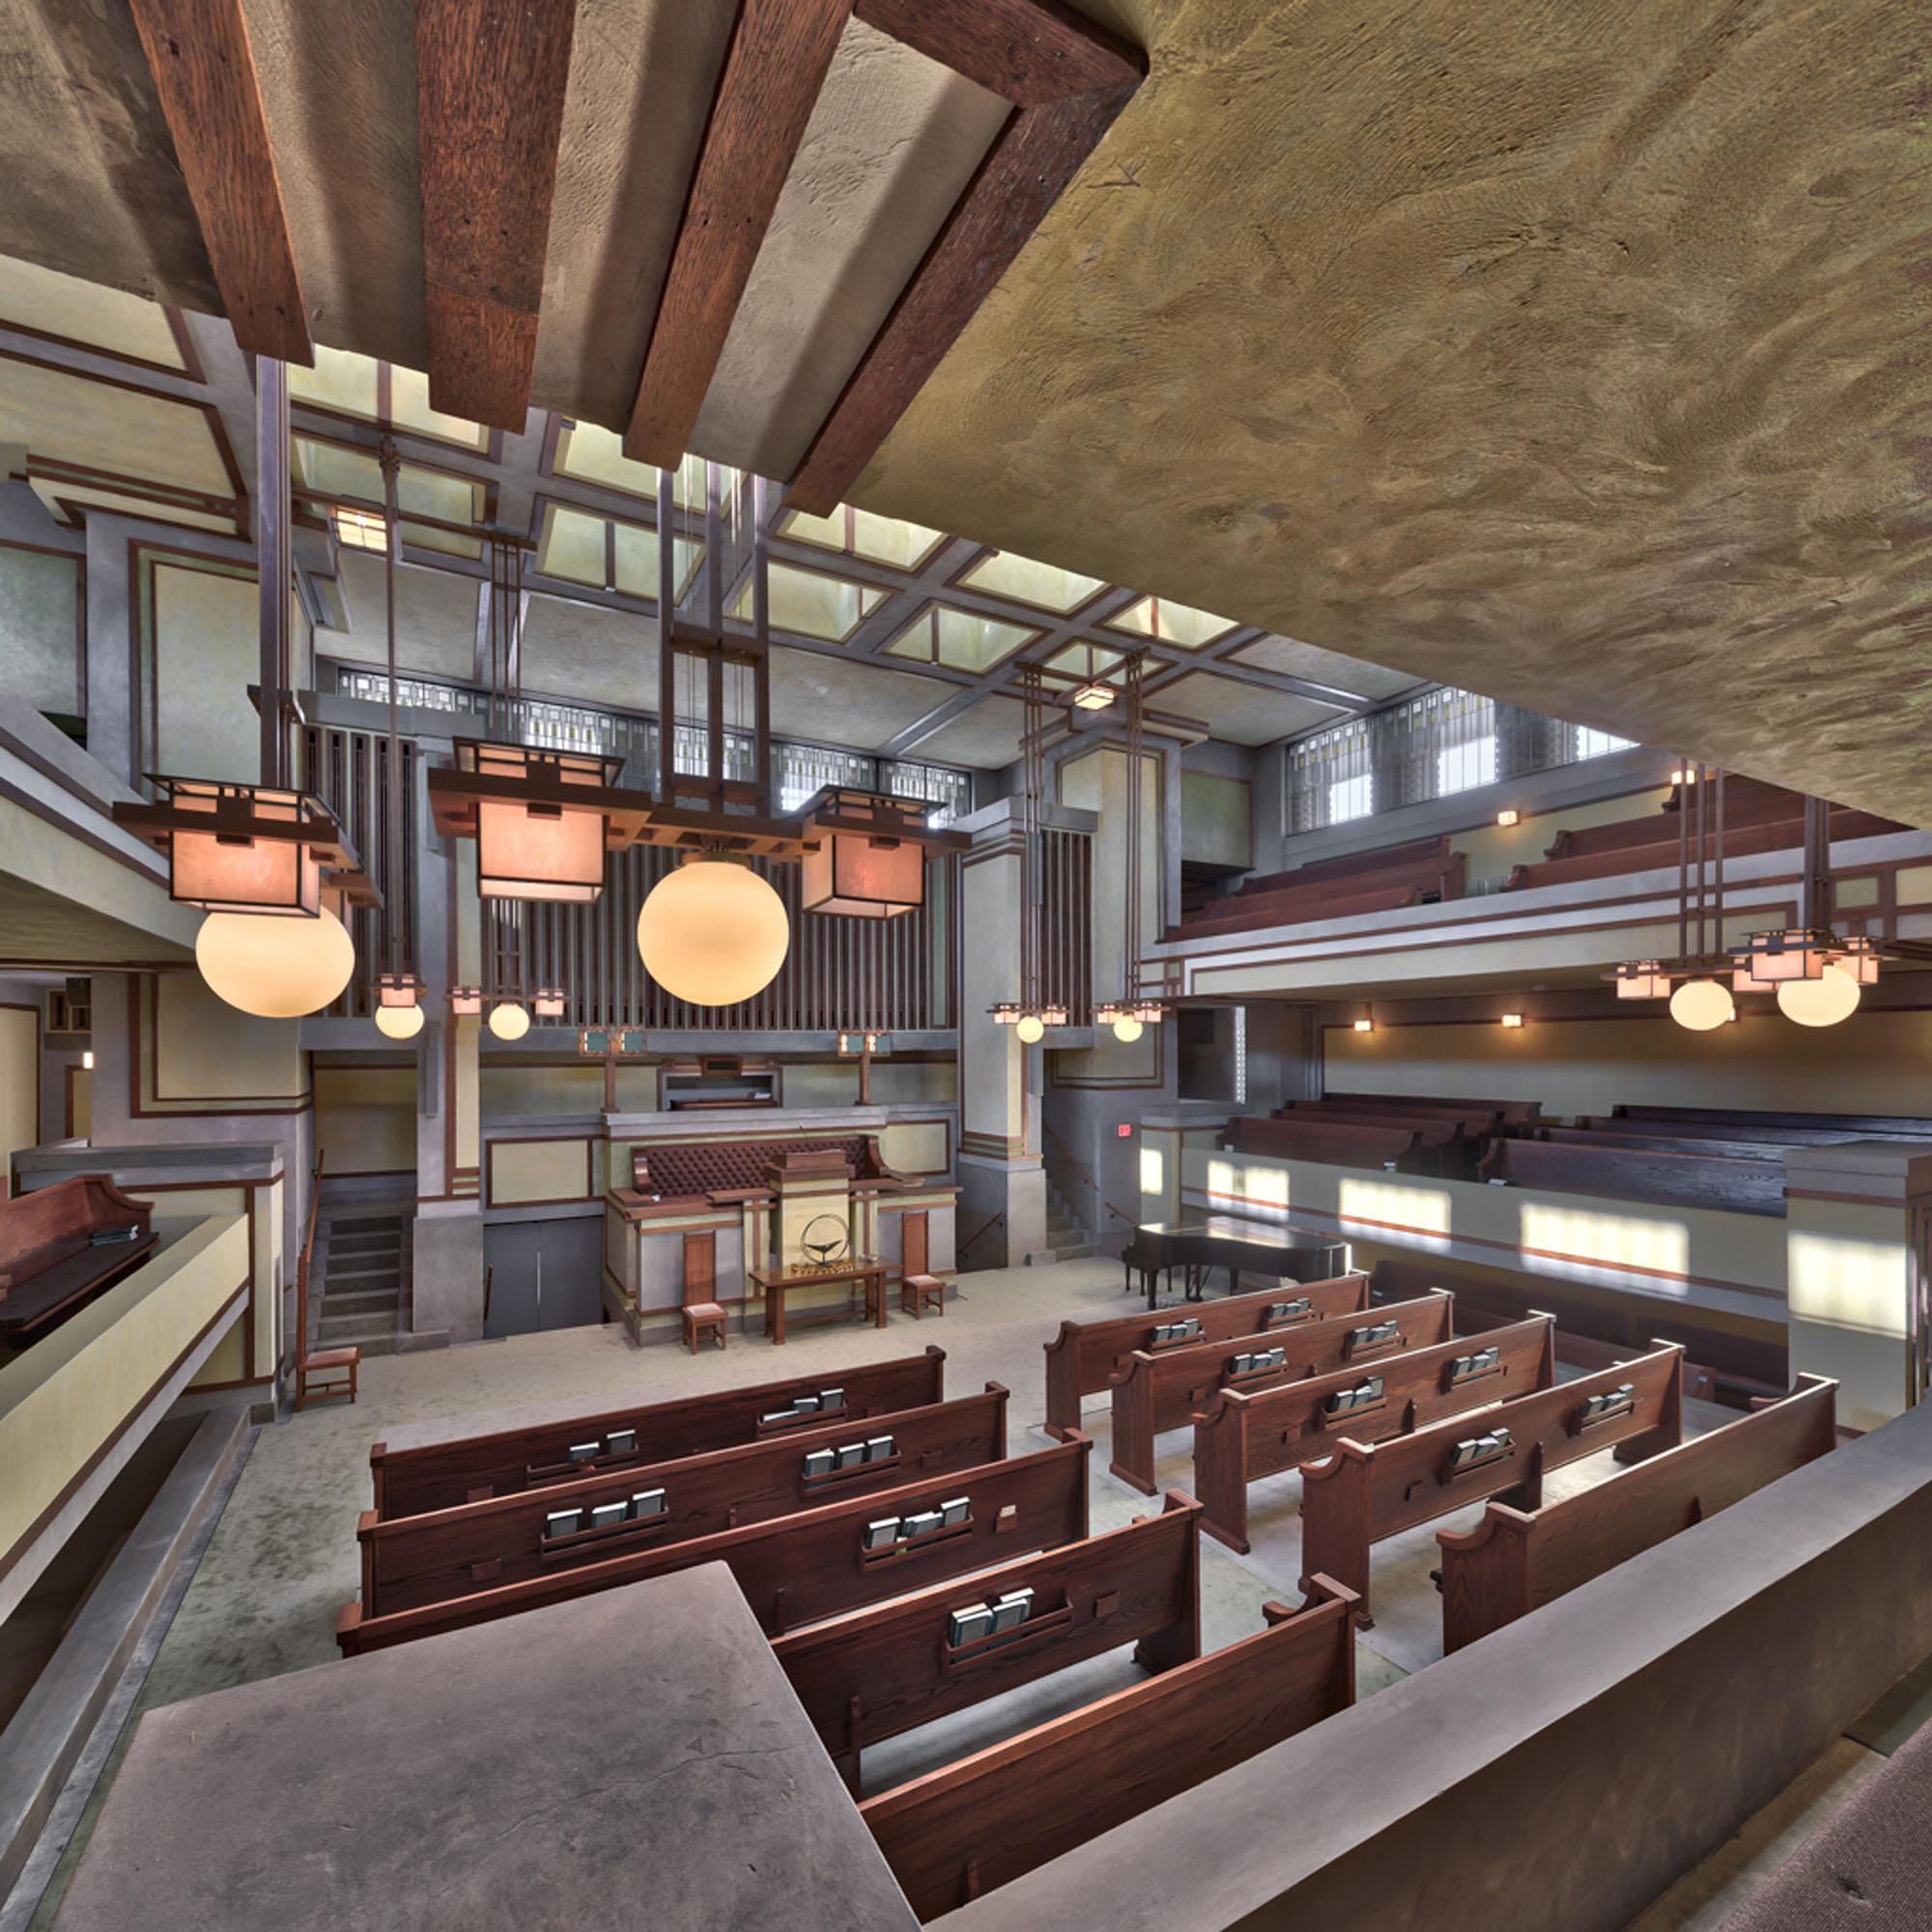 a temple interior